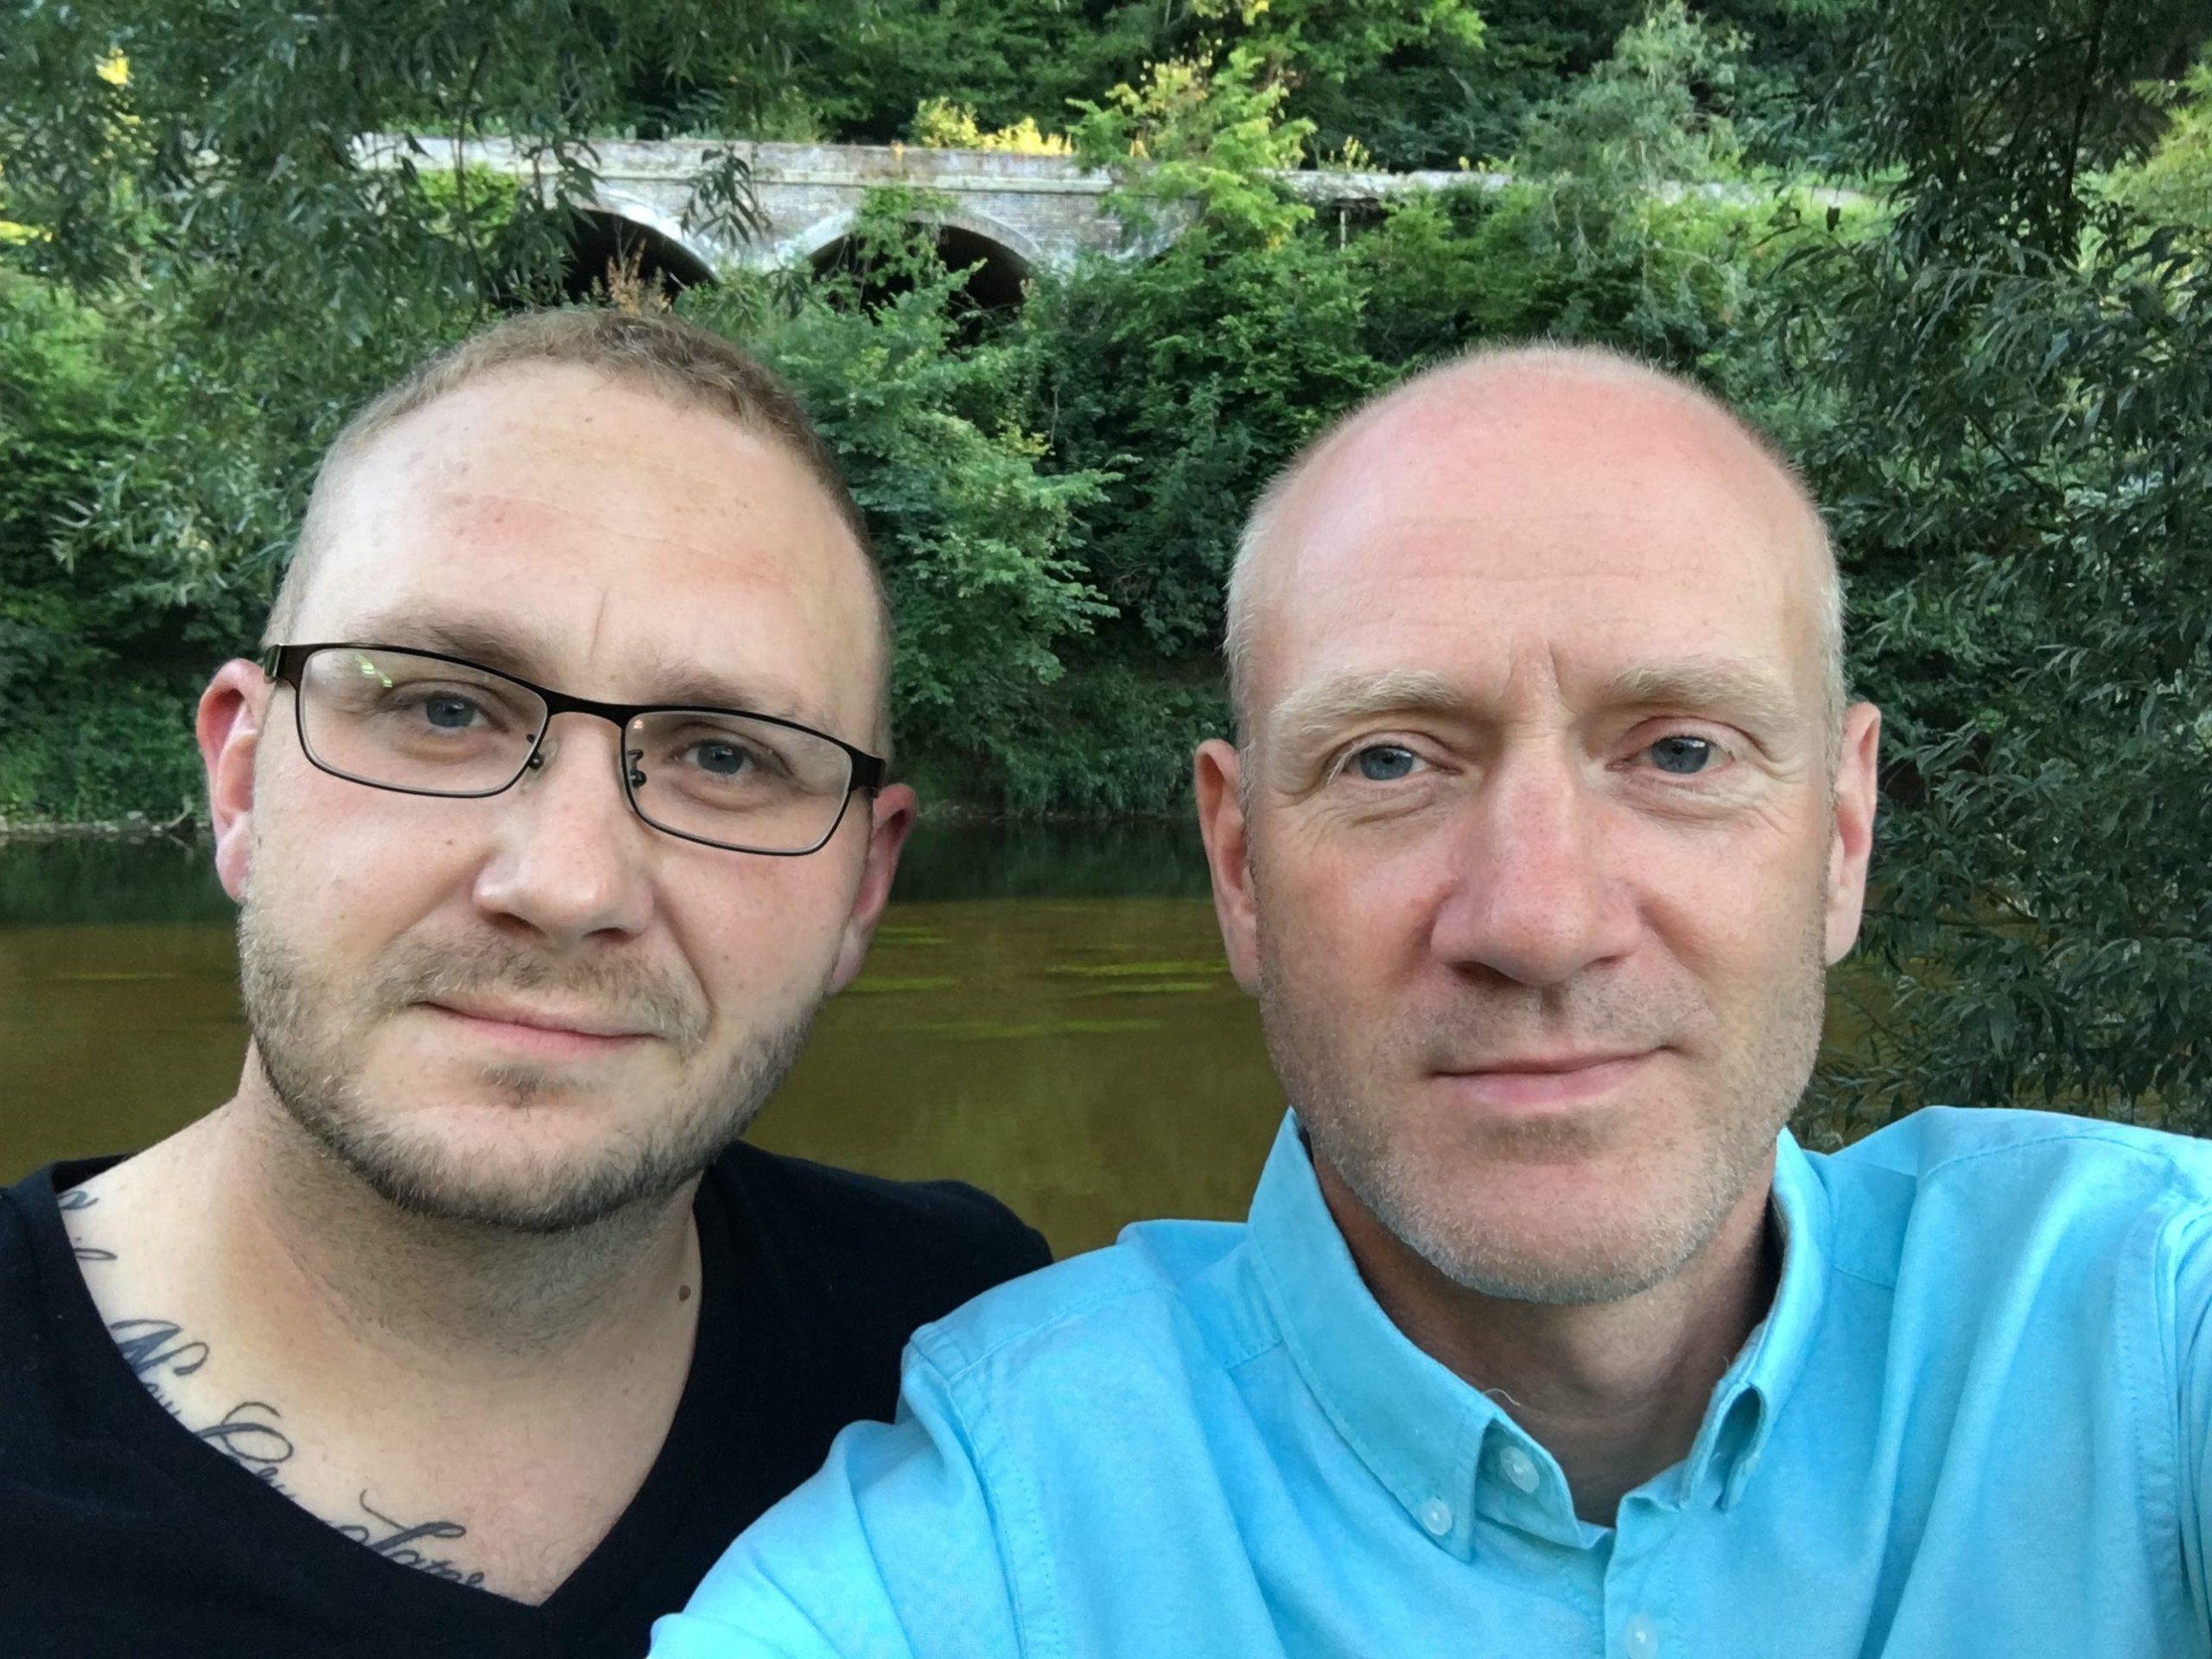 Jon and Scott